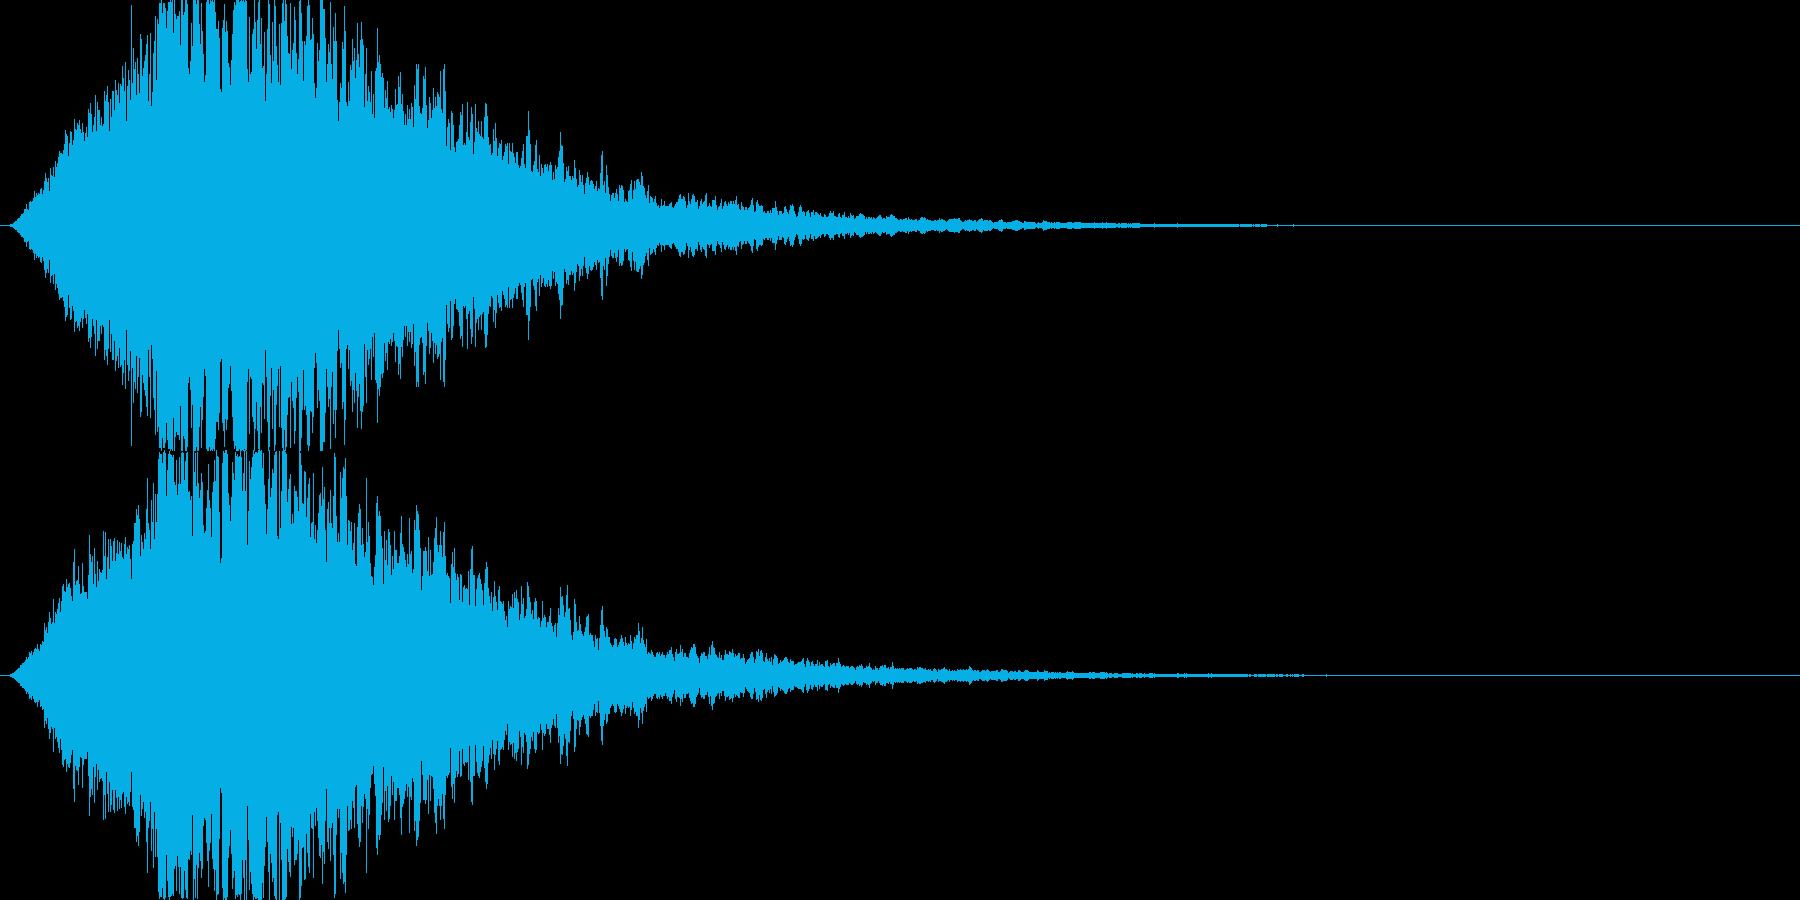 筒の中を瞬間移動するイメージの再生済みの波形